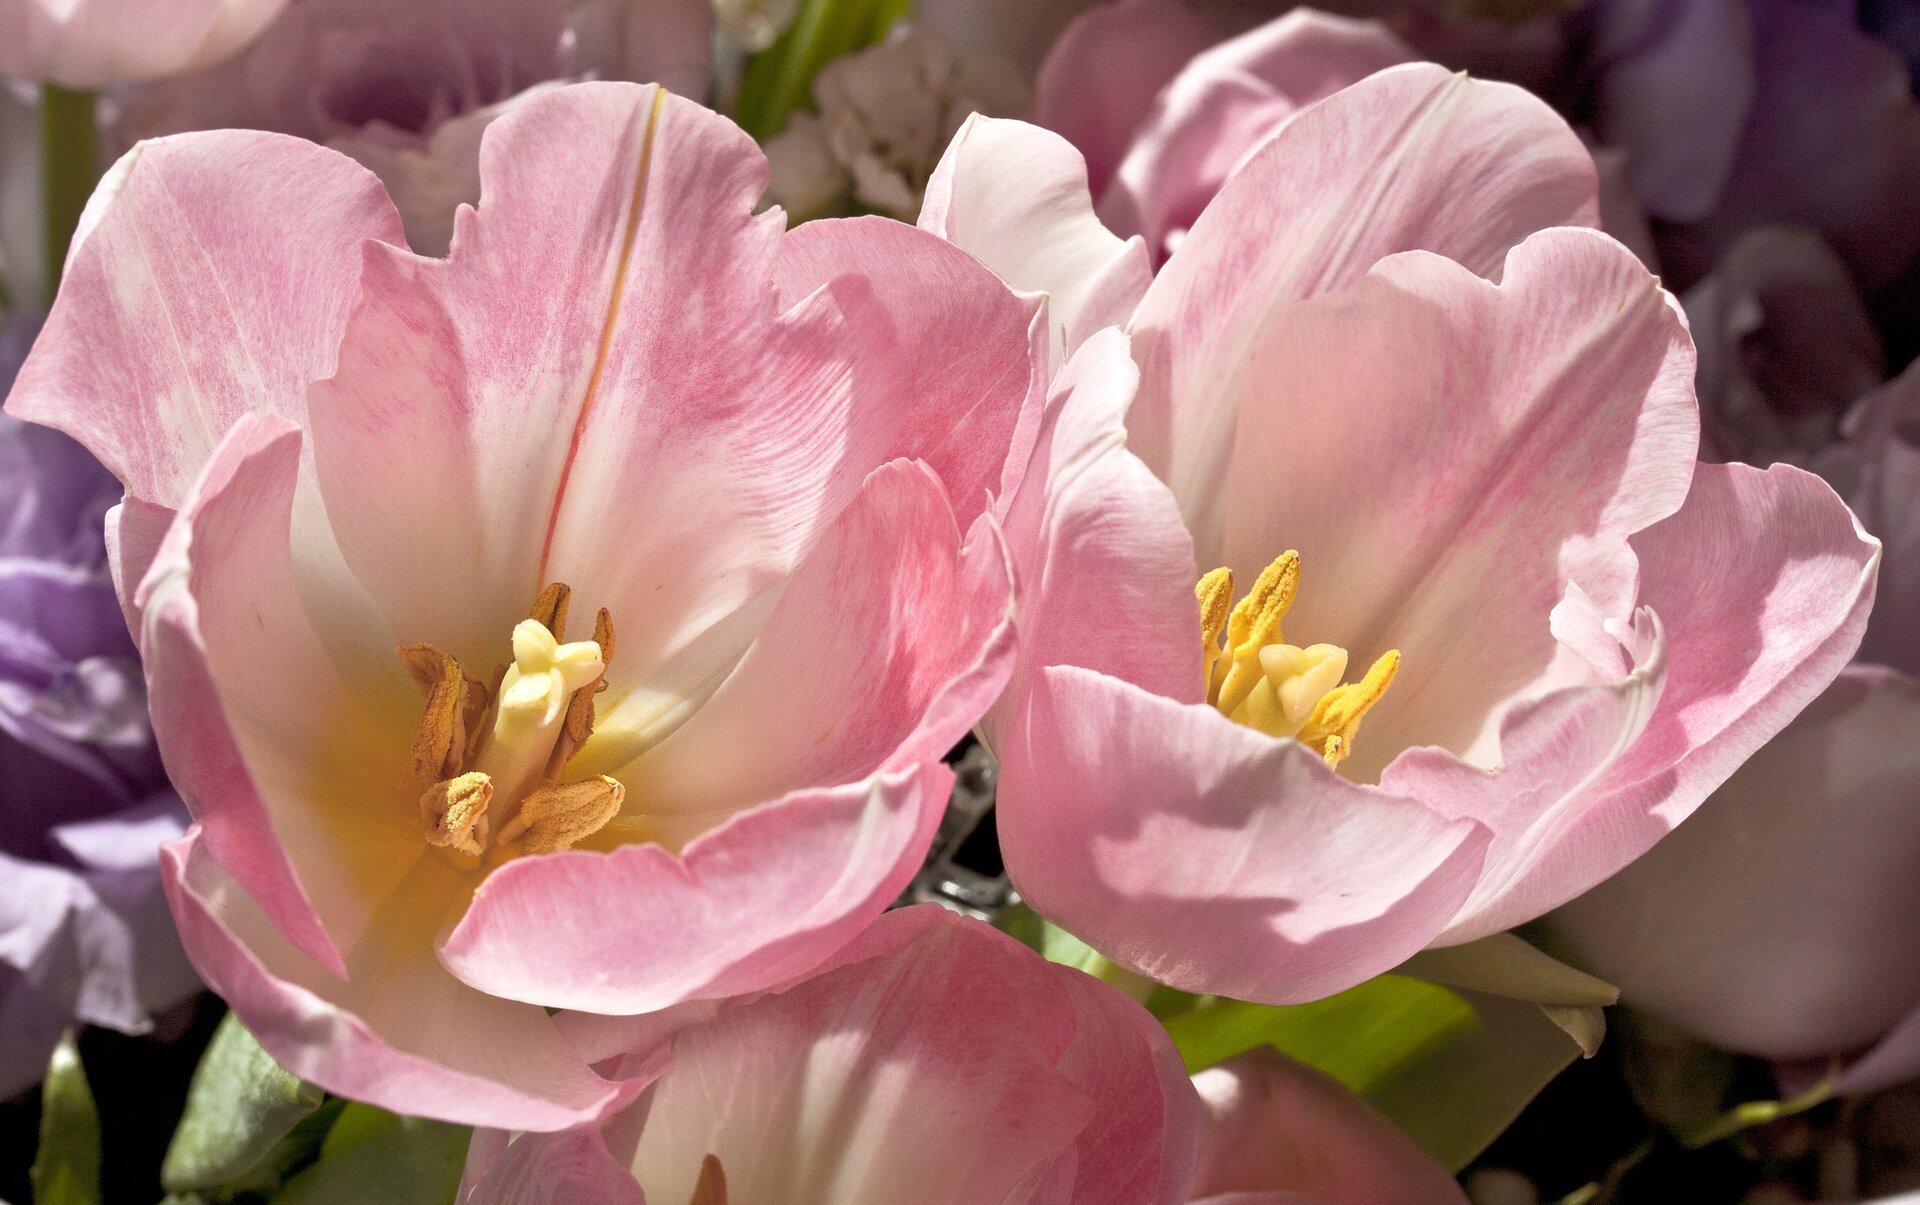 Fotografia przedstawia różowe, mocno otwarte kwiaty tulipanów wpełnym słońcu. Kiedy temperatura spada, kwiaty tulipanów się zamykają. Taki ruch nazywa się termonastią.